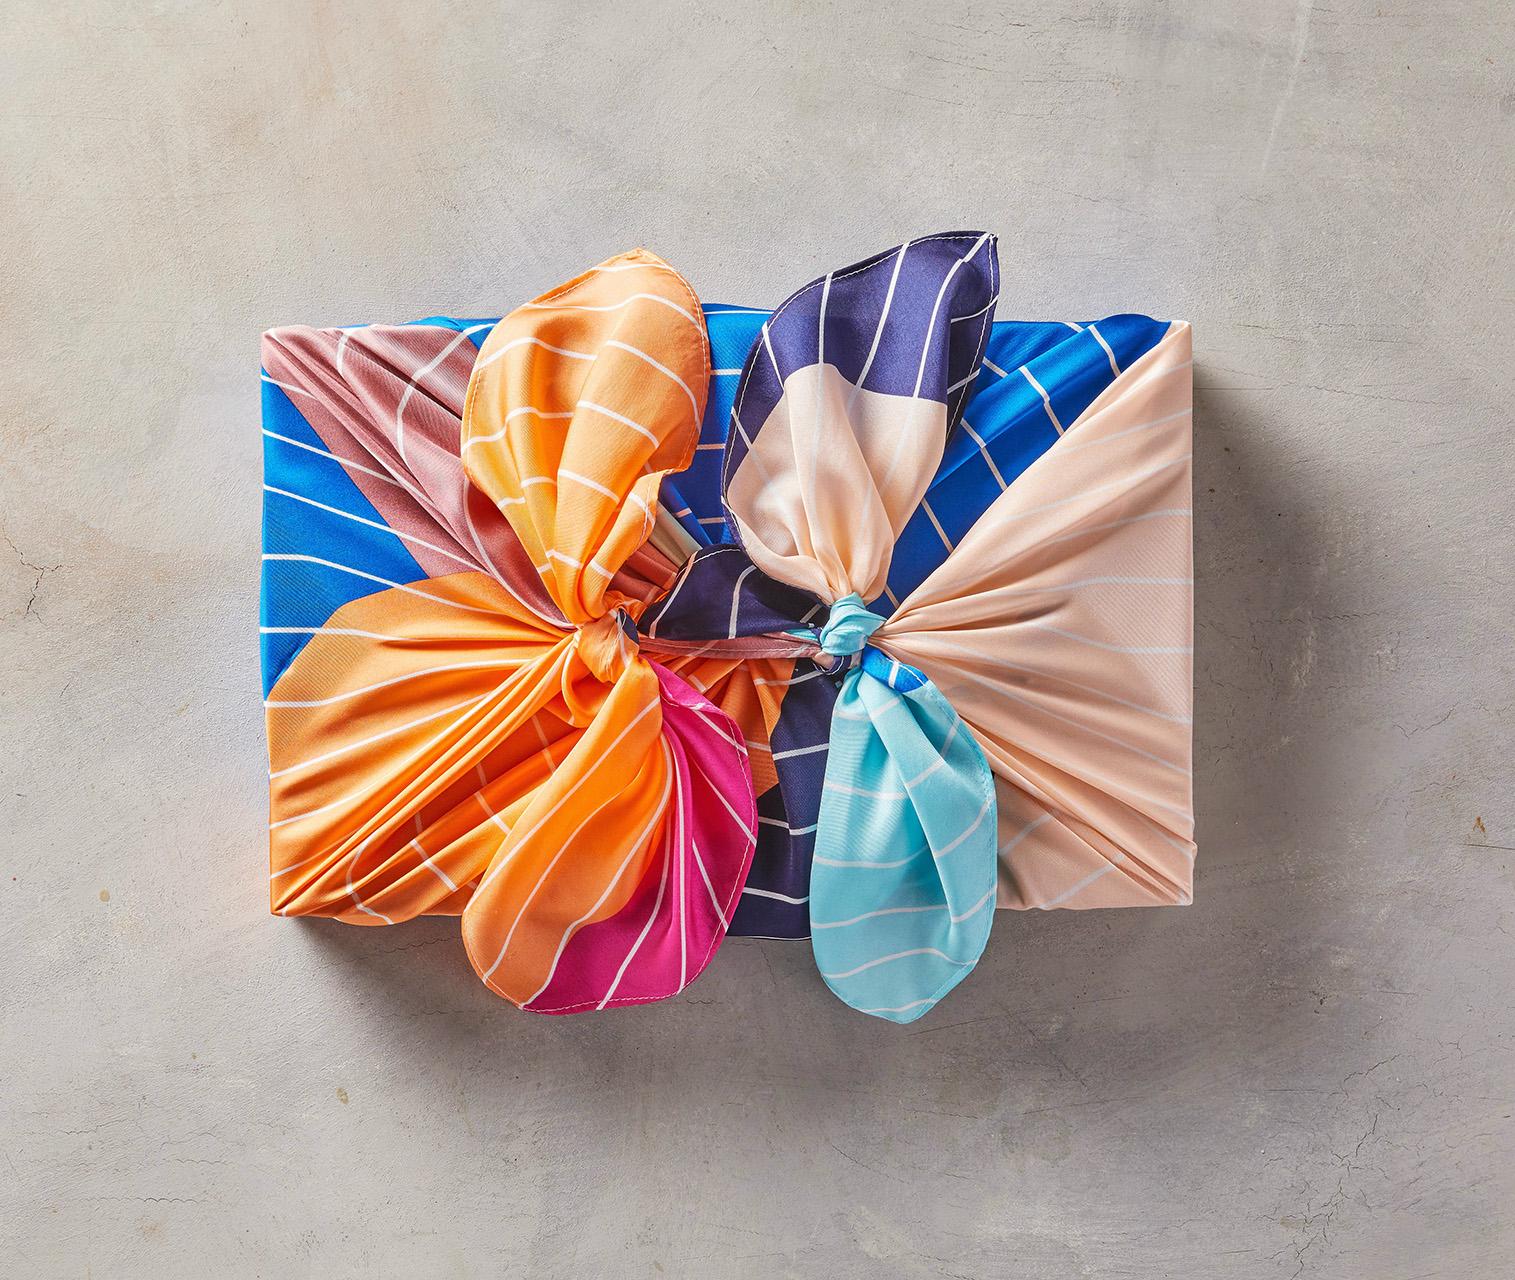 بسته بندی هدیه با پارچه، ایده ای منحصر به فرد و چشم نواز